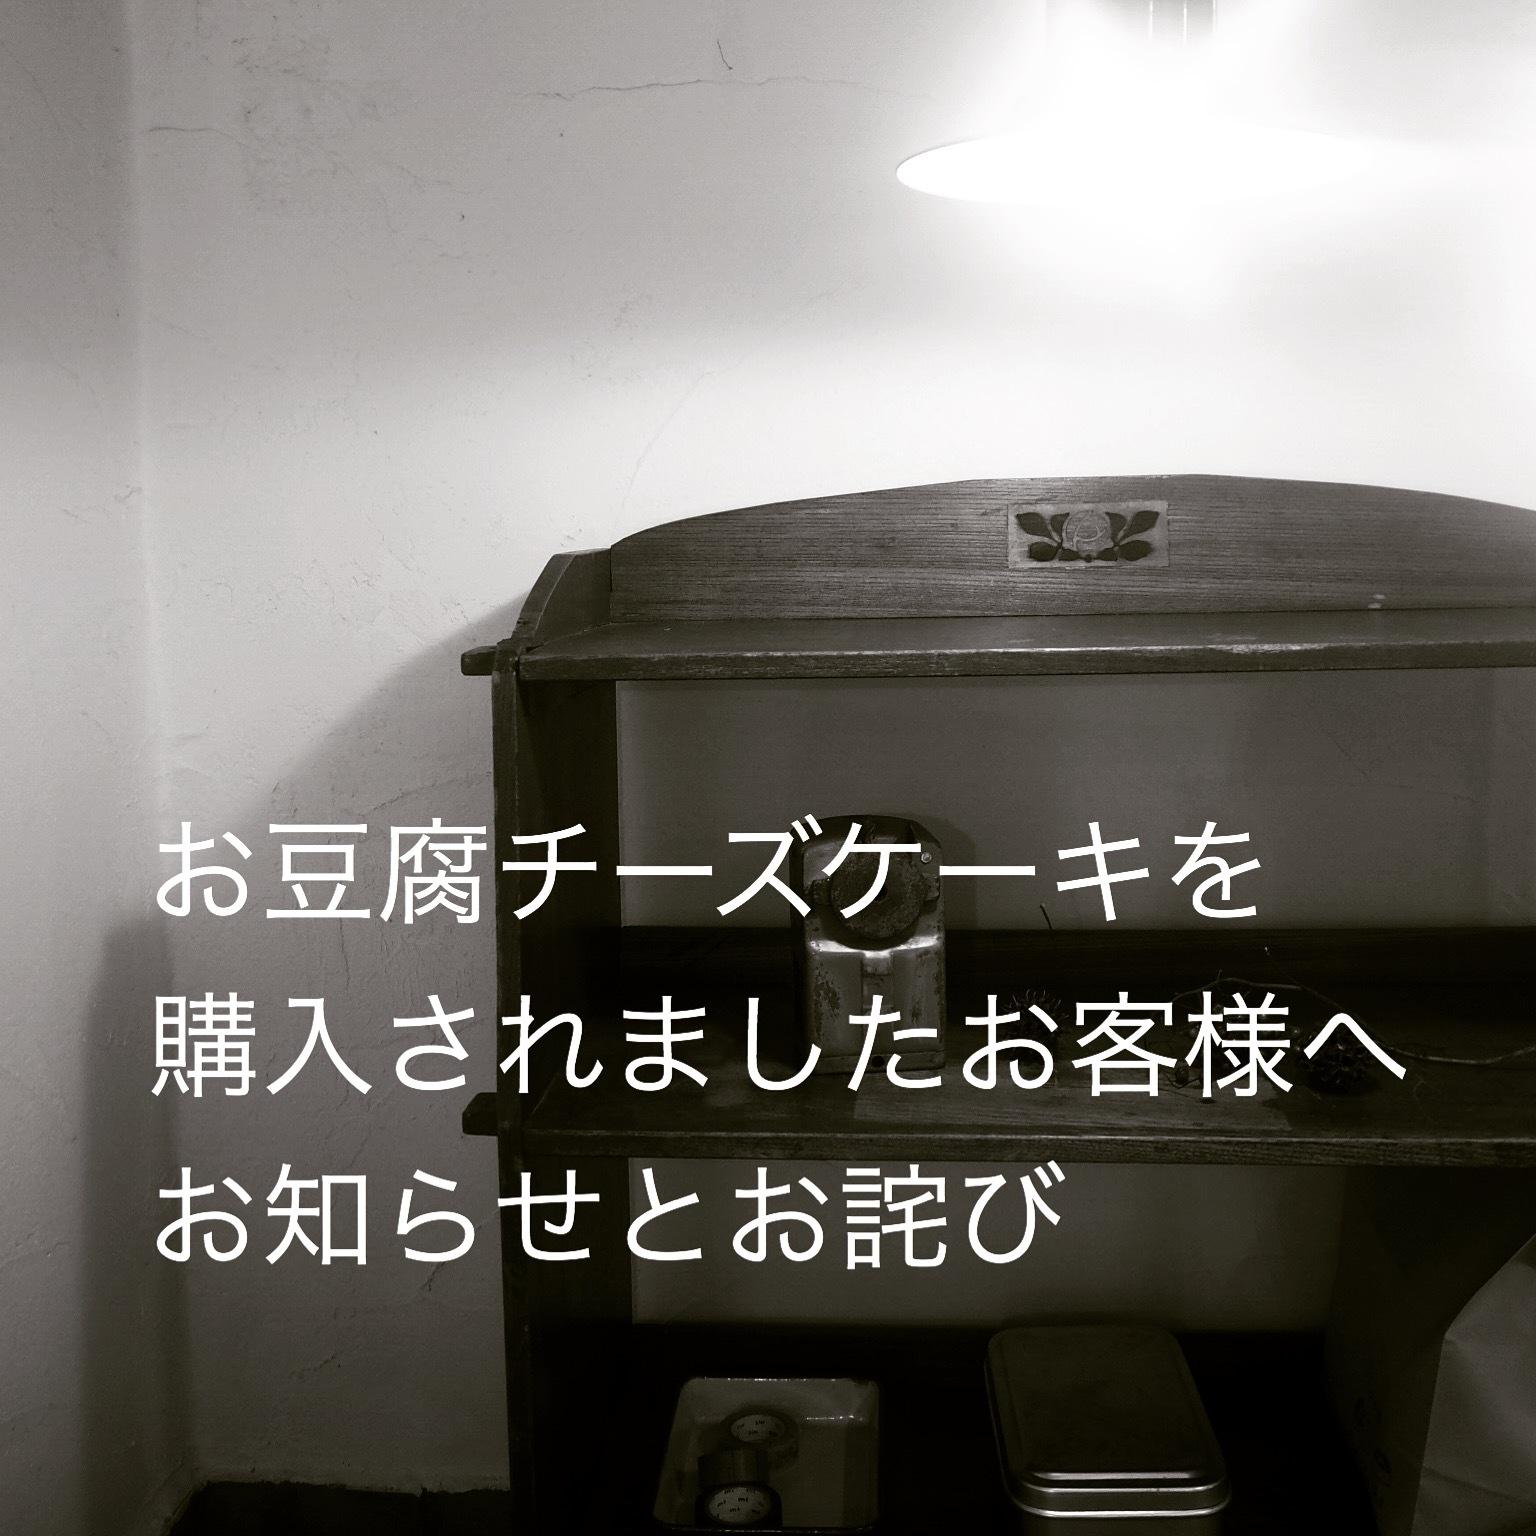 お豆腐チーズケーキを購入されたお客様へ_b0368665_08293330.jpeg